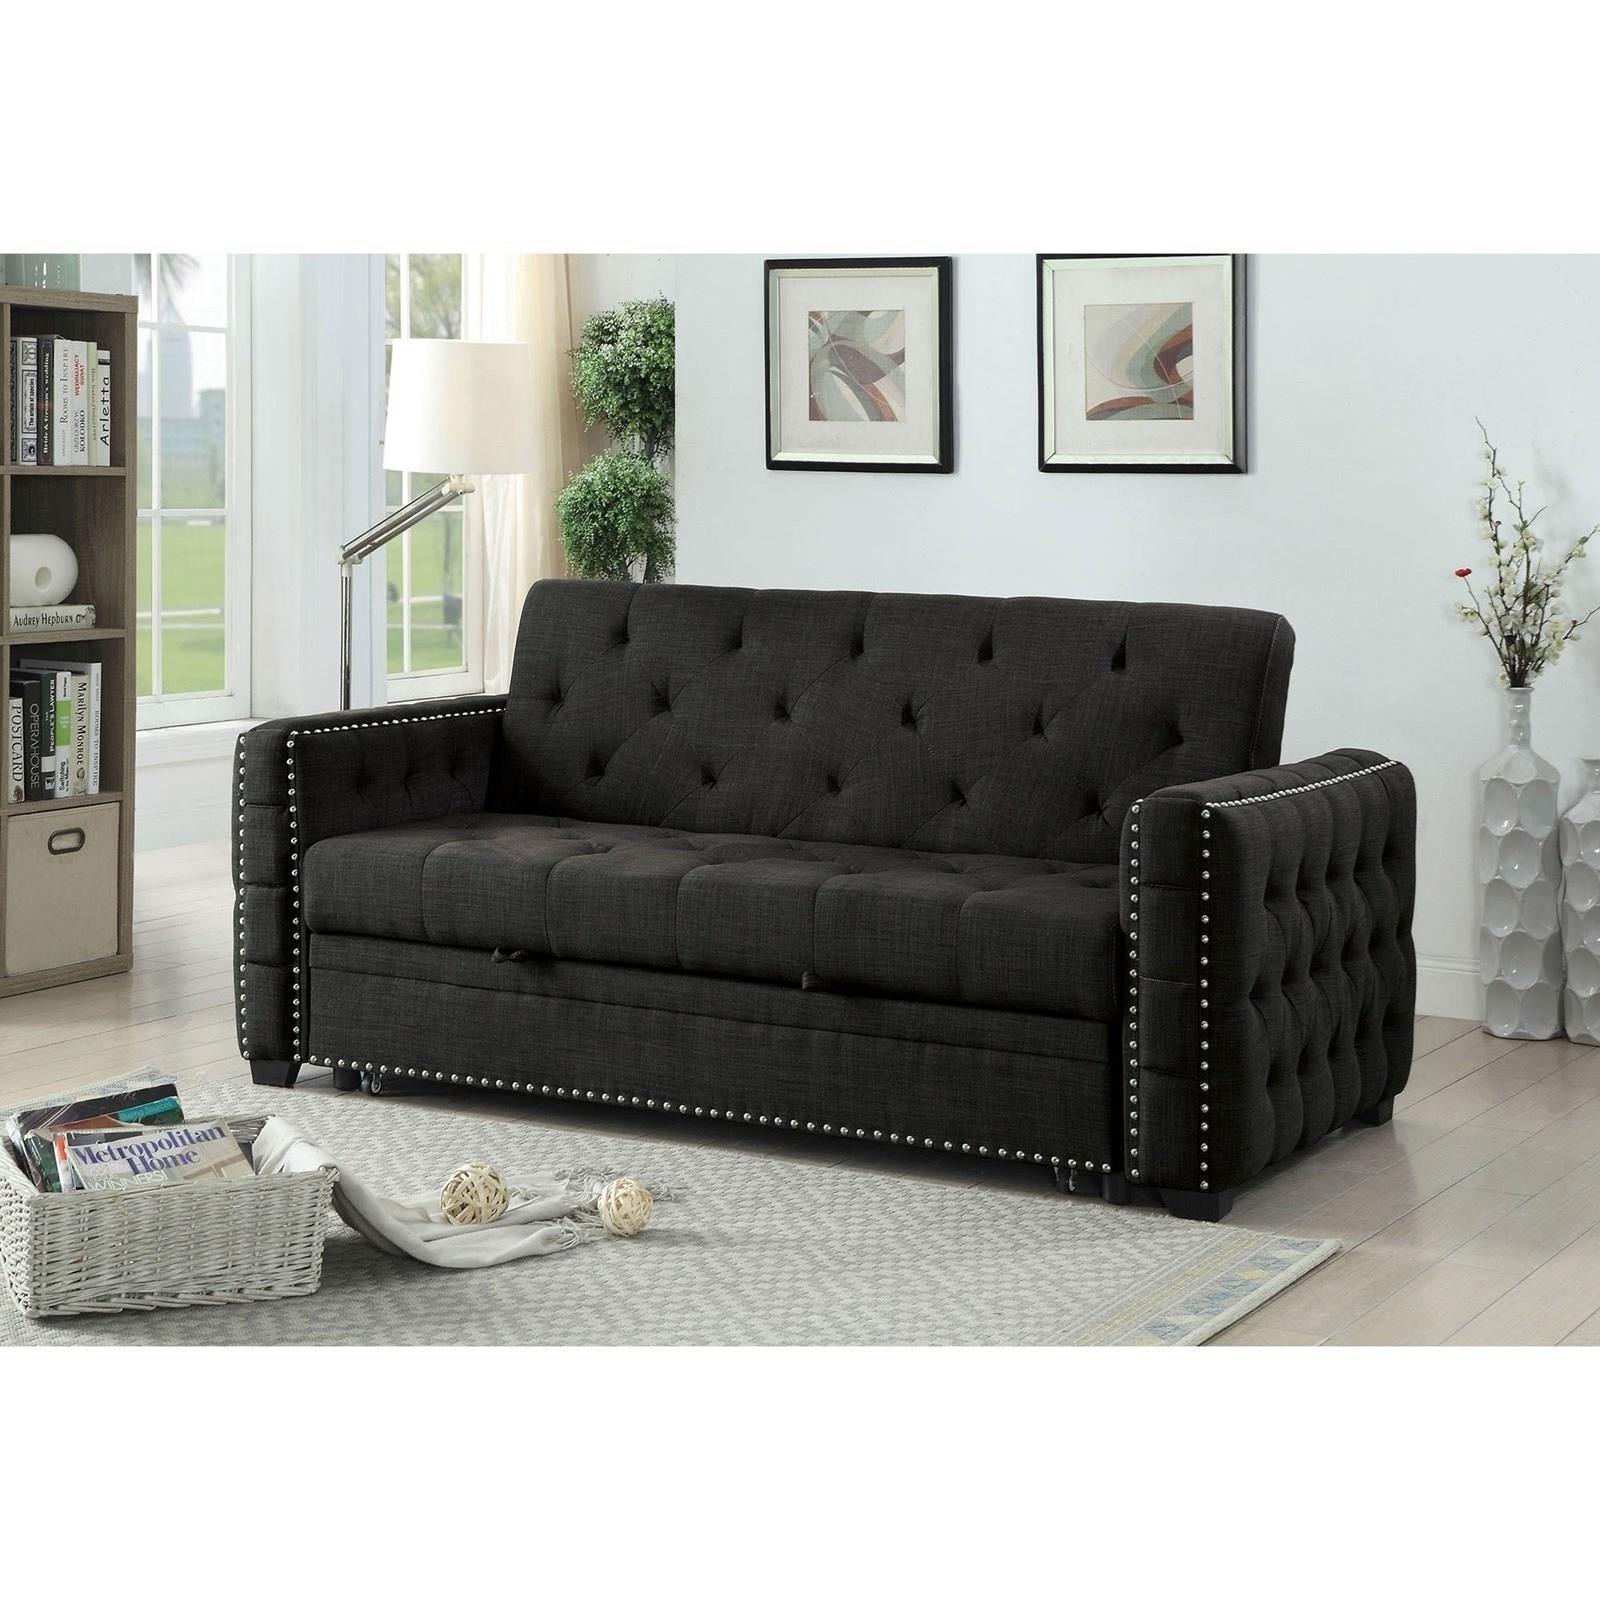 Iona Futon Sofa at Household Furniture